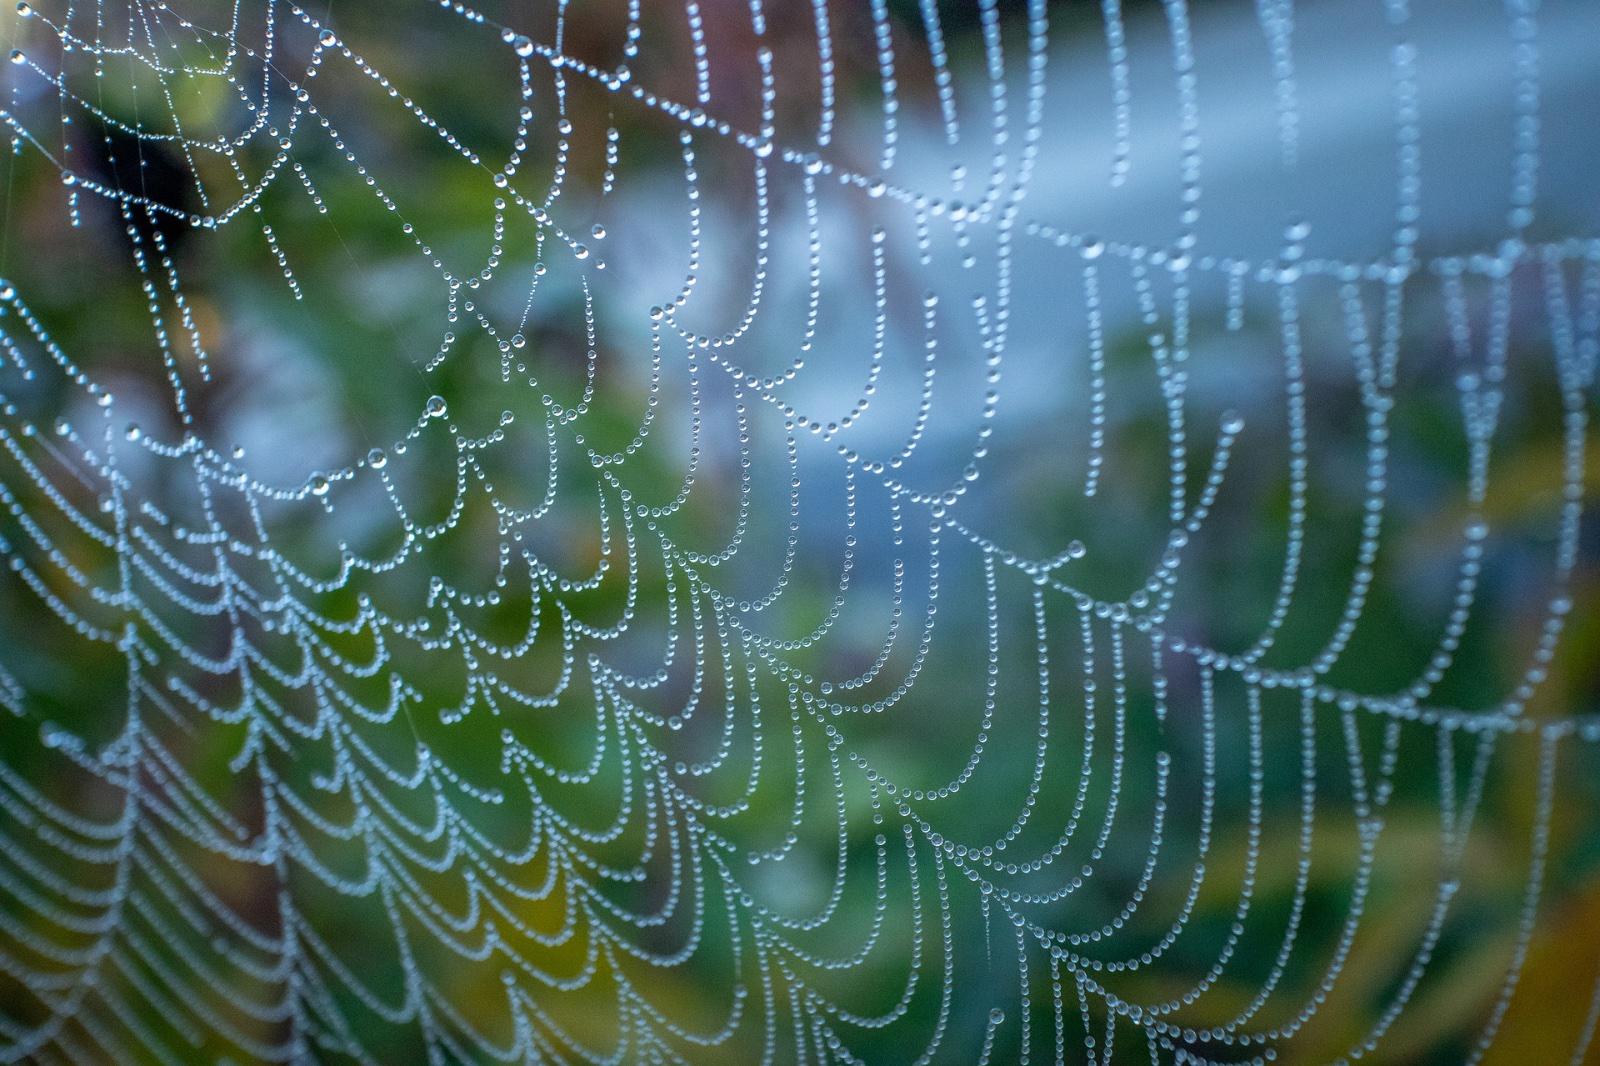 spinnenweb macro met druppels